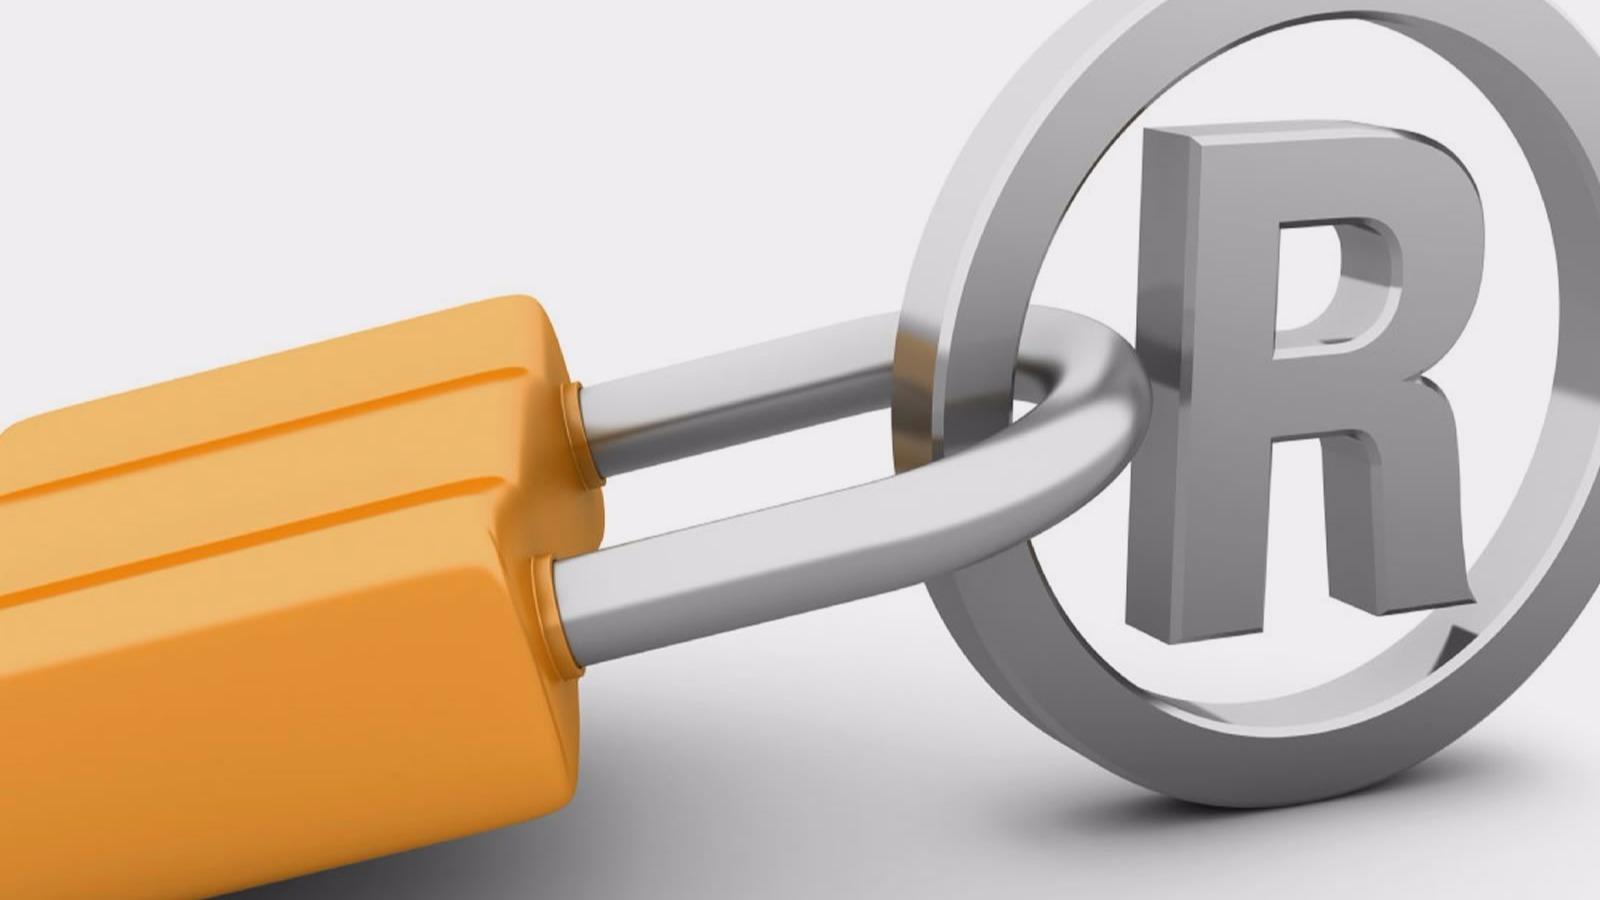 Registro de patente para MPEs pode sair em menos de um ano no Brasil